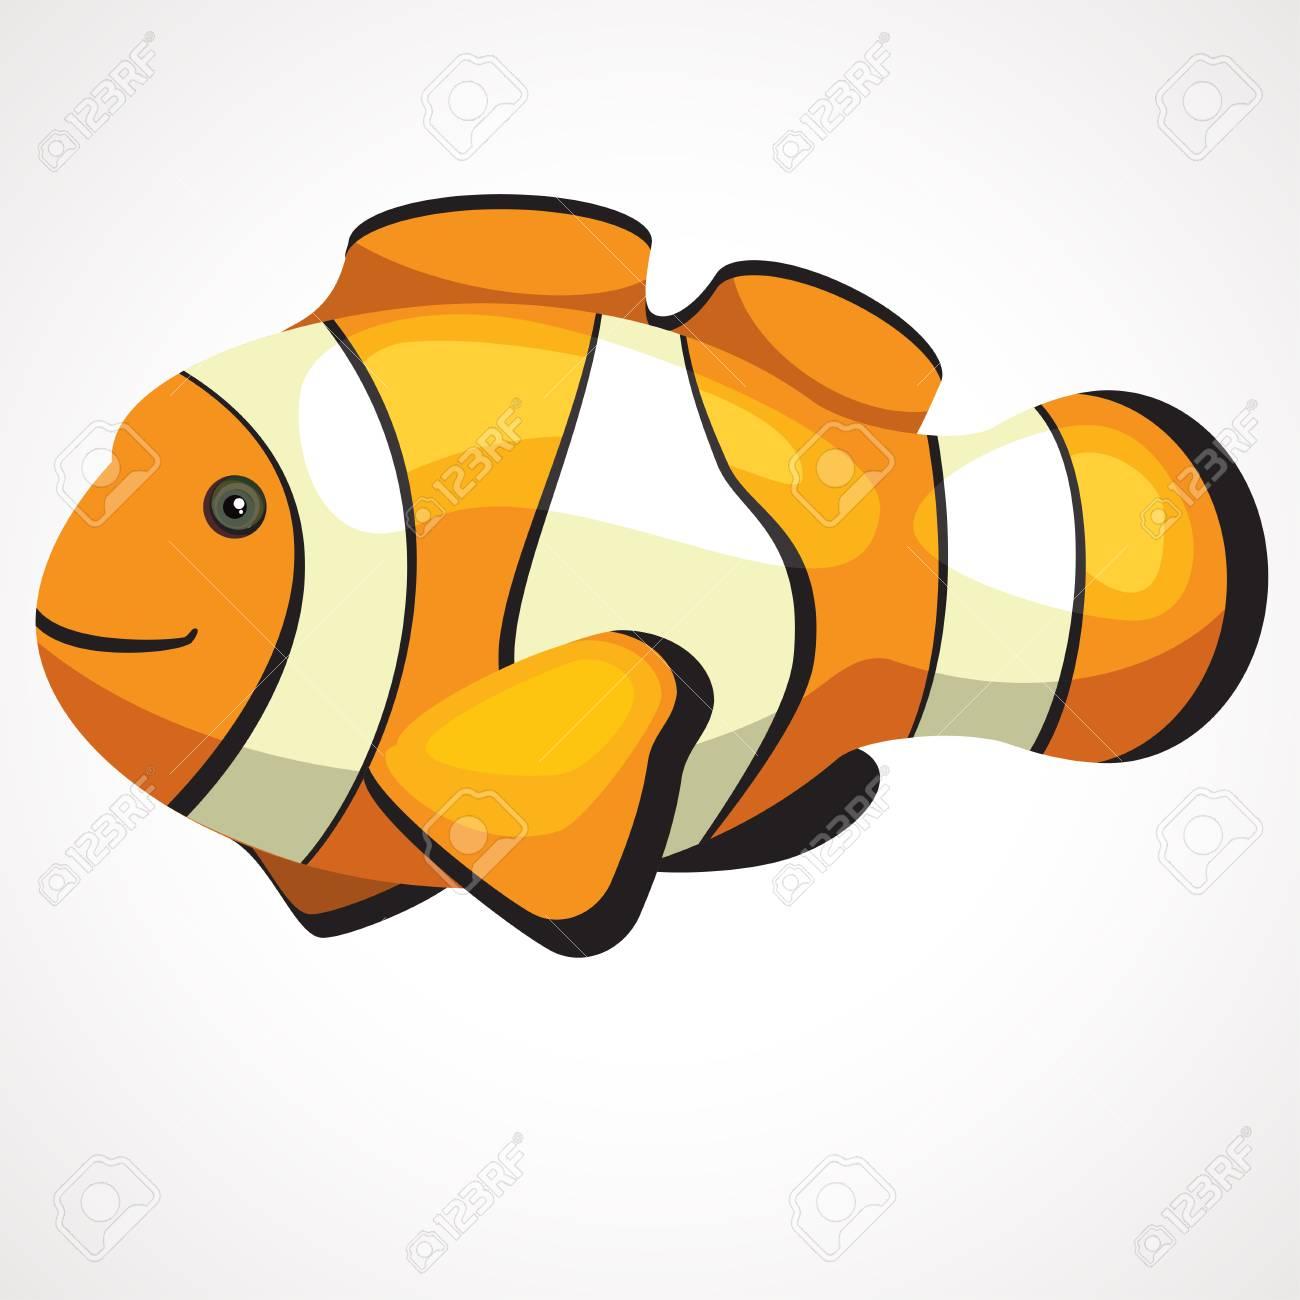 Gold Aquarium Cute Clown Fish Cartoon Vector Drawing Royalty Free